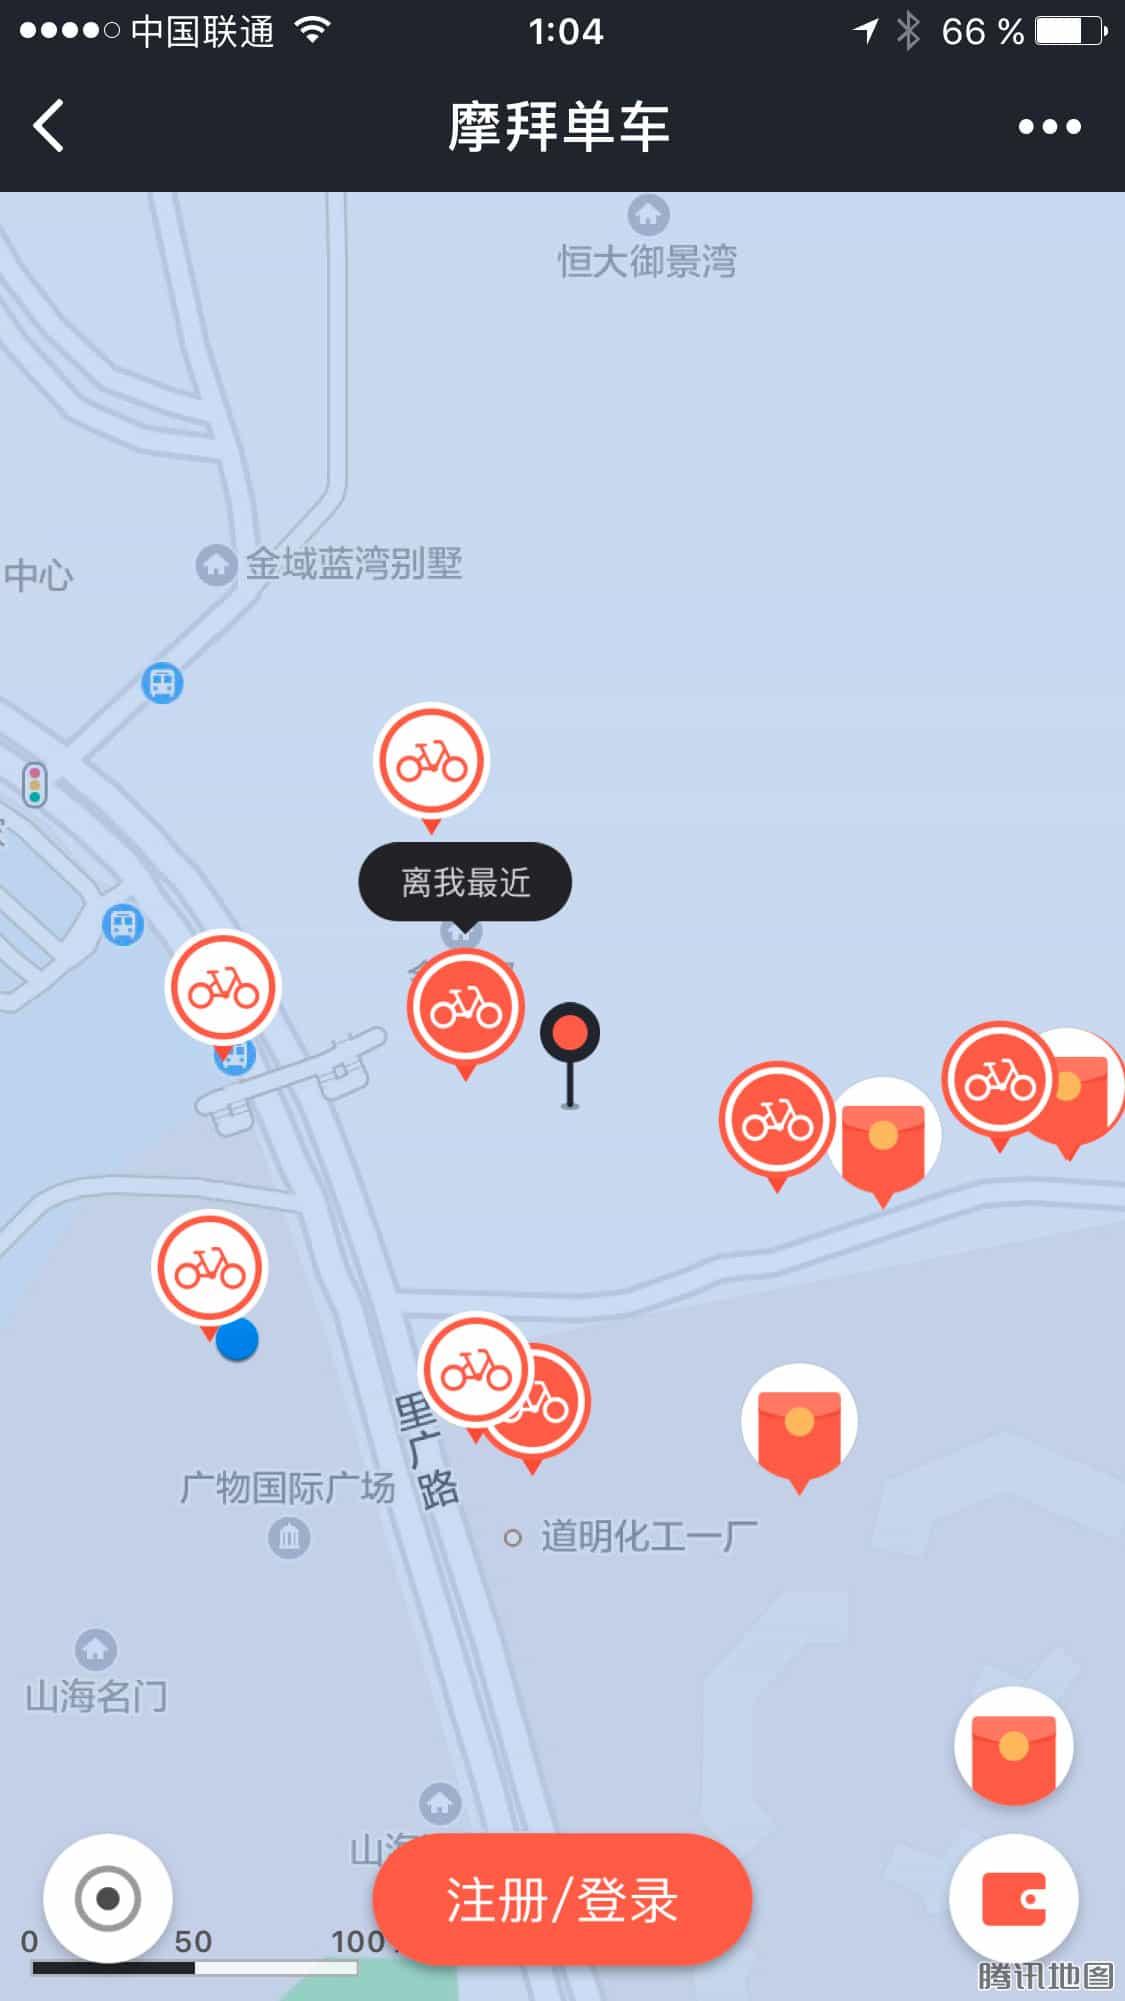 Mobike - как взять велосипед на прокат в Китае